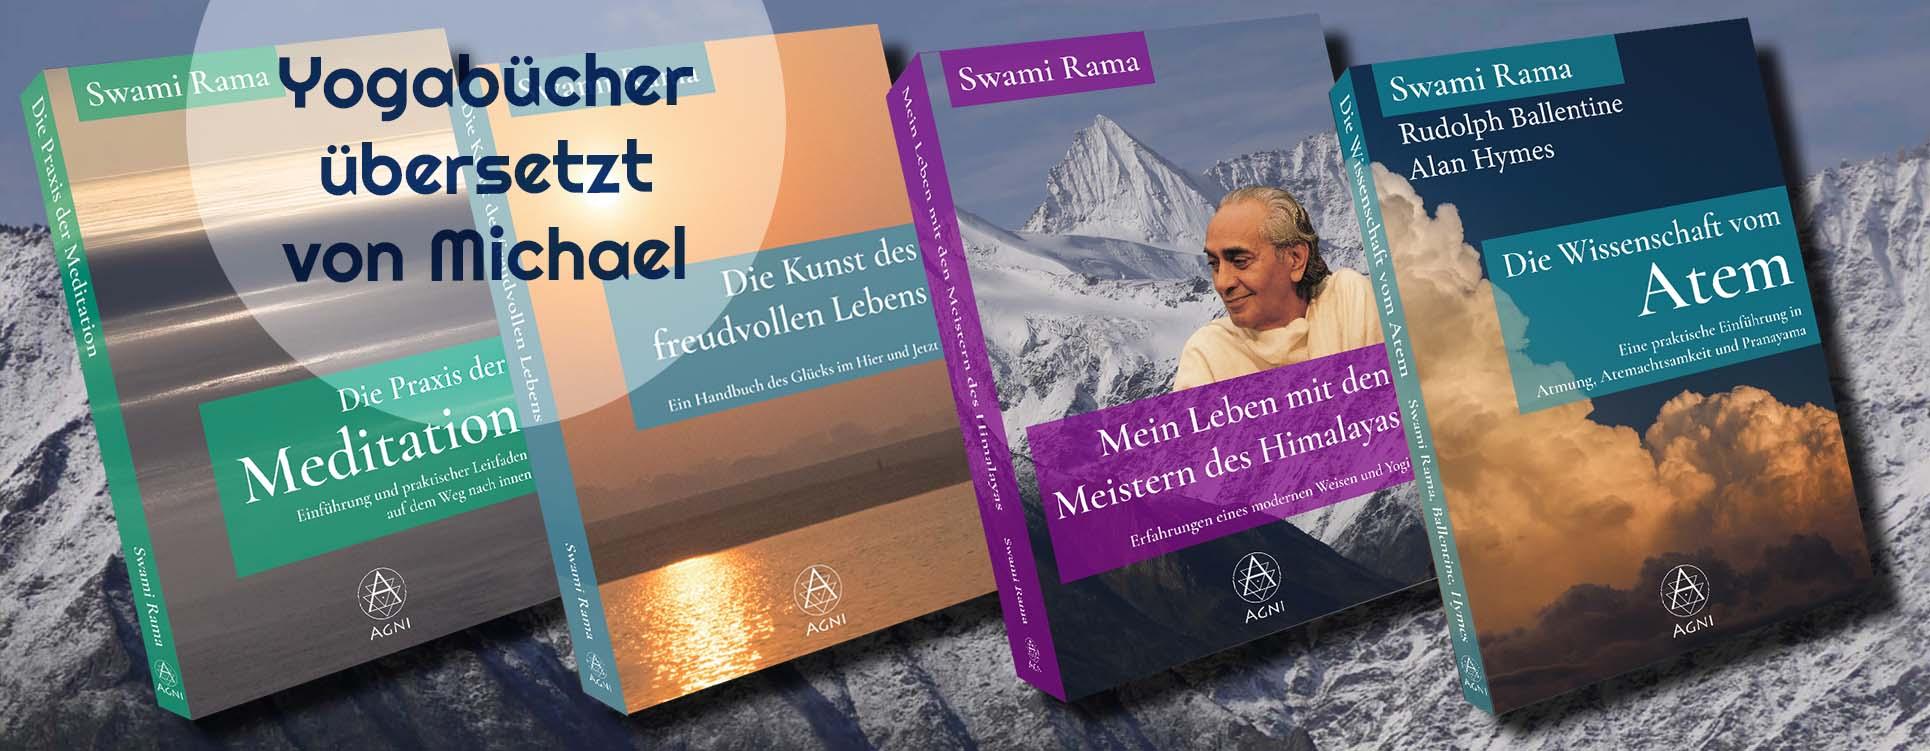 Agni Verlag Bücher von Michael